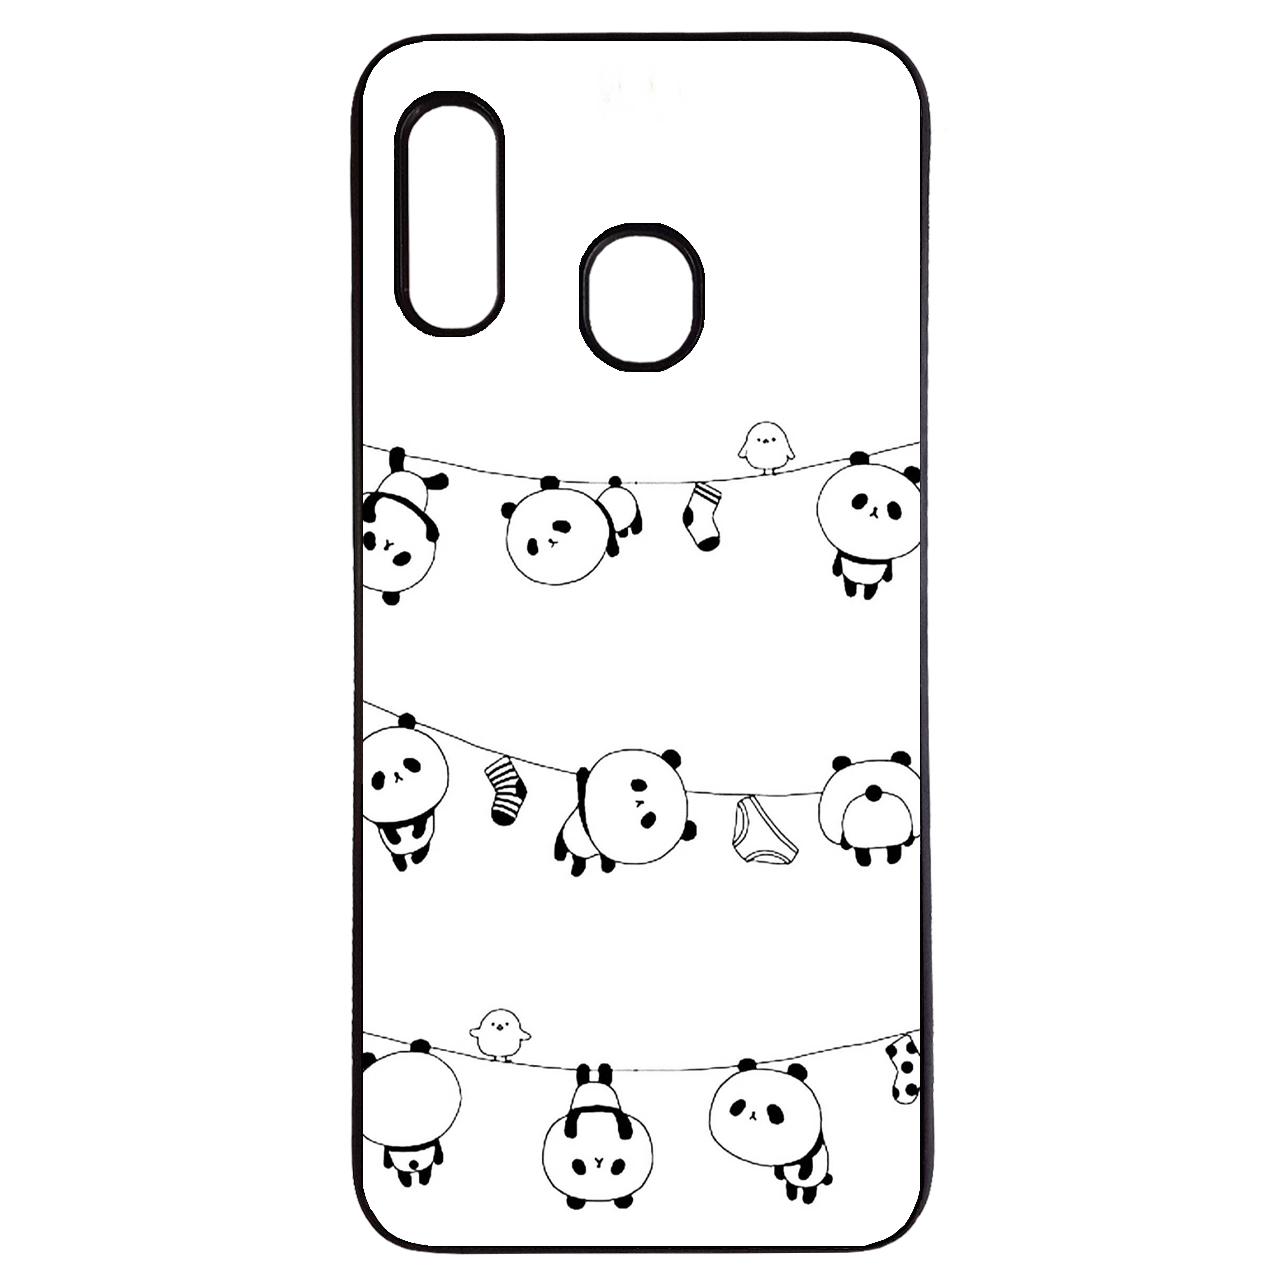 کاور طرح پاندا کد 43173 مناسب برای گوشی موبایل سامسونگ galaxy m30